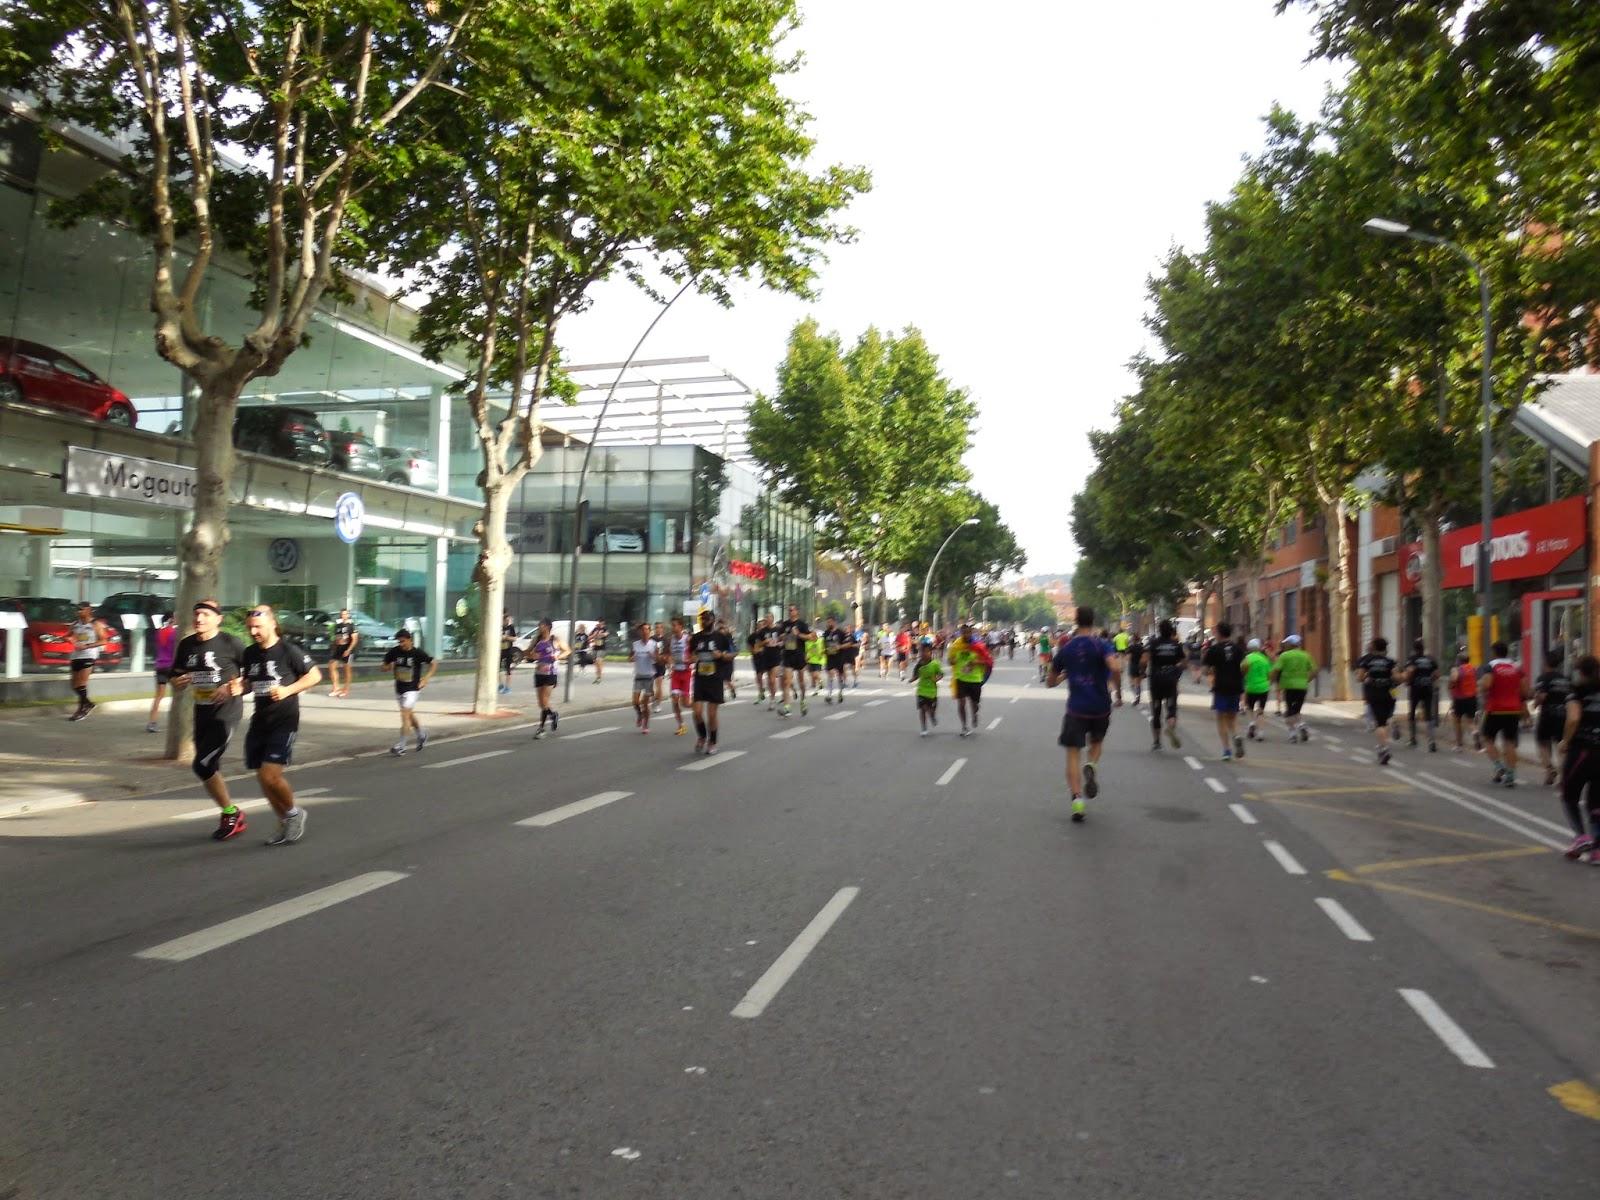 Correr a mis a os 08 06 14 7 cursa la maquinista for La maquinista parking